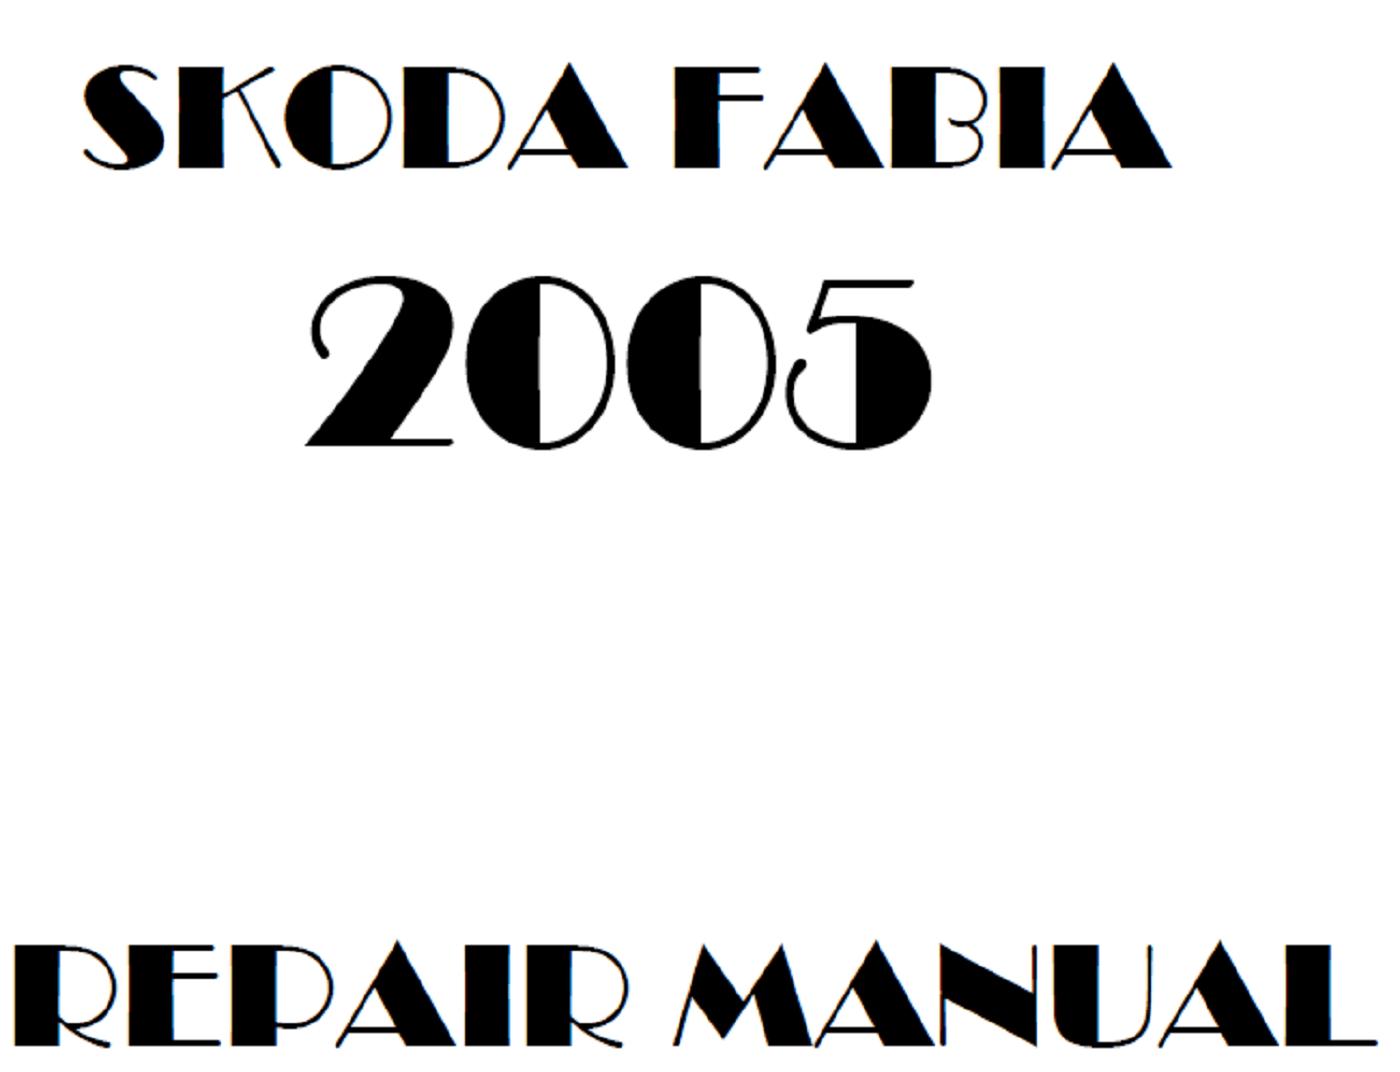 2005 Skoda Fabia repair manual